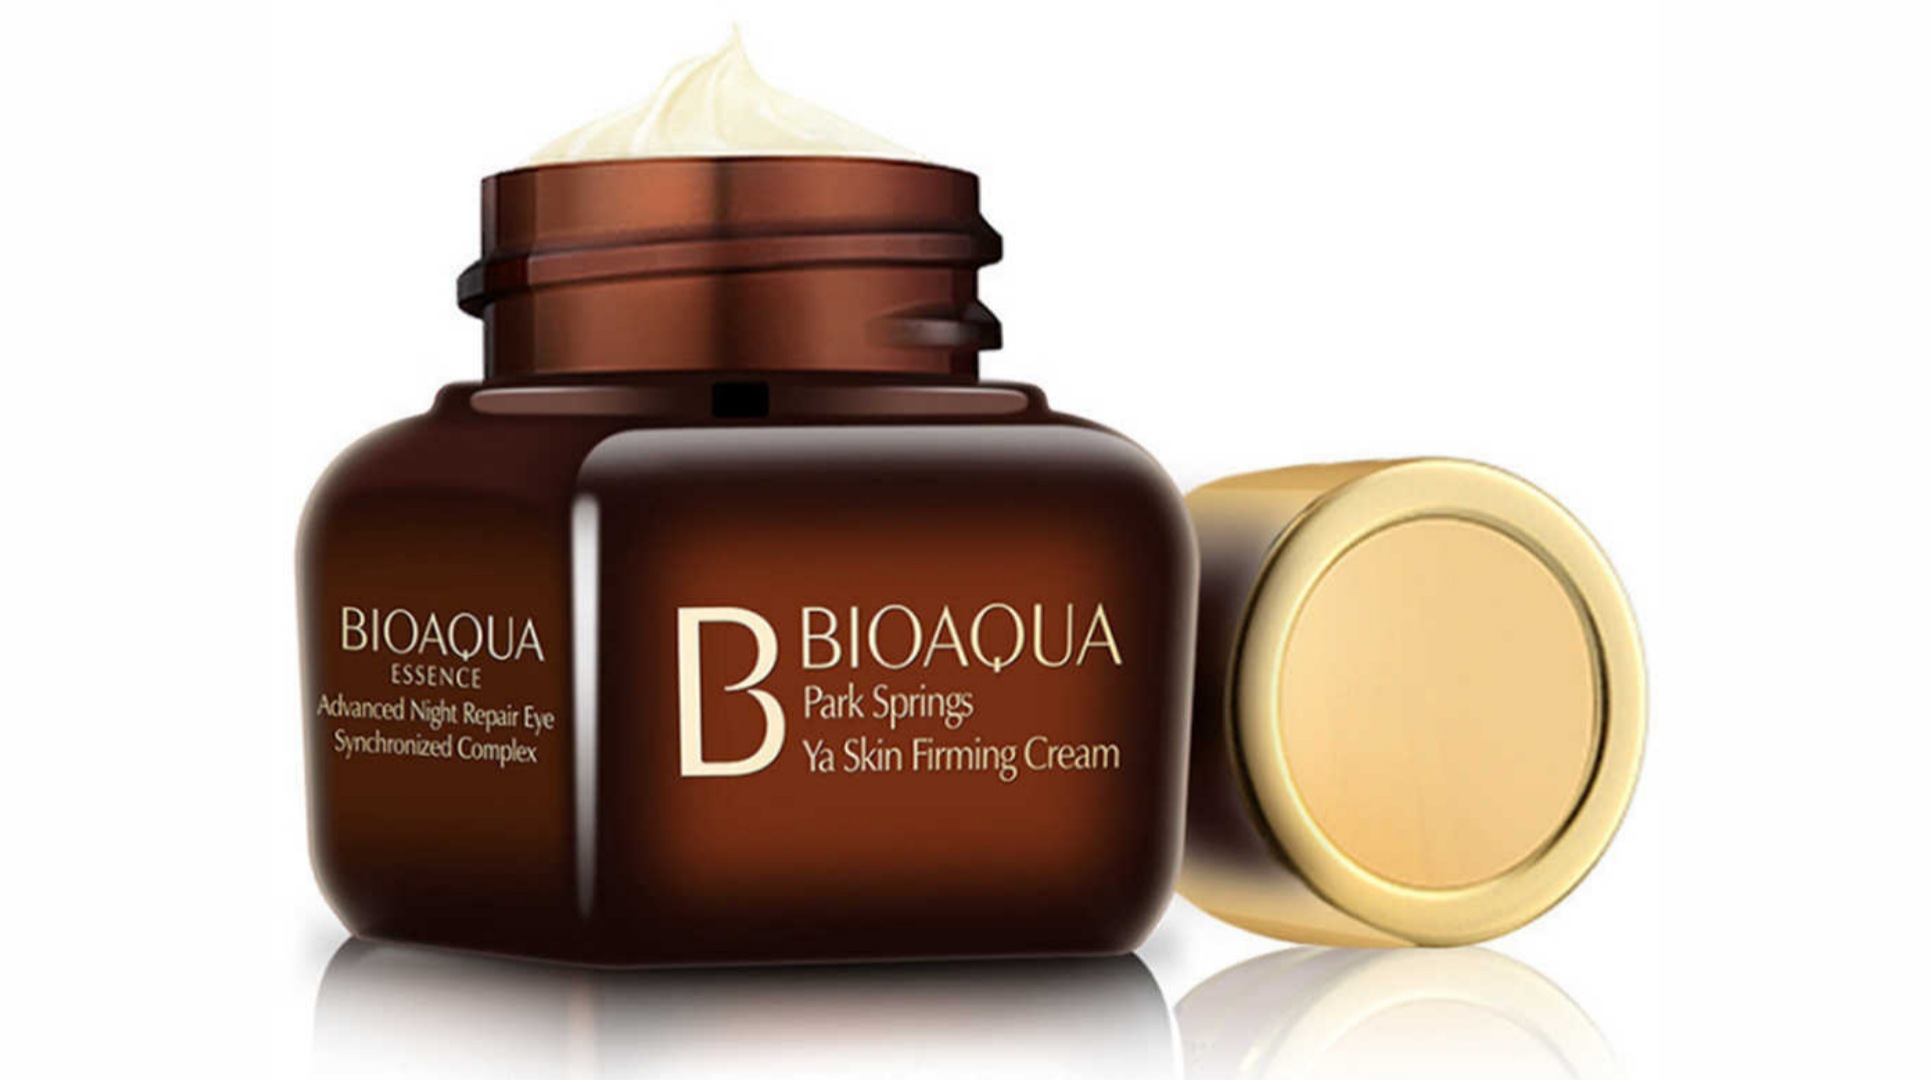 کرم-دور-چشم-تقویت-کننده-بیوآکوآ-bioaqua